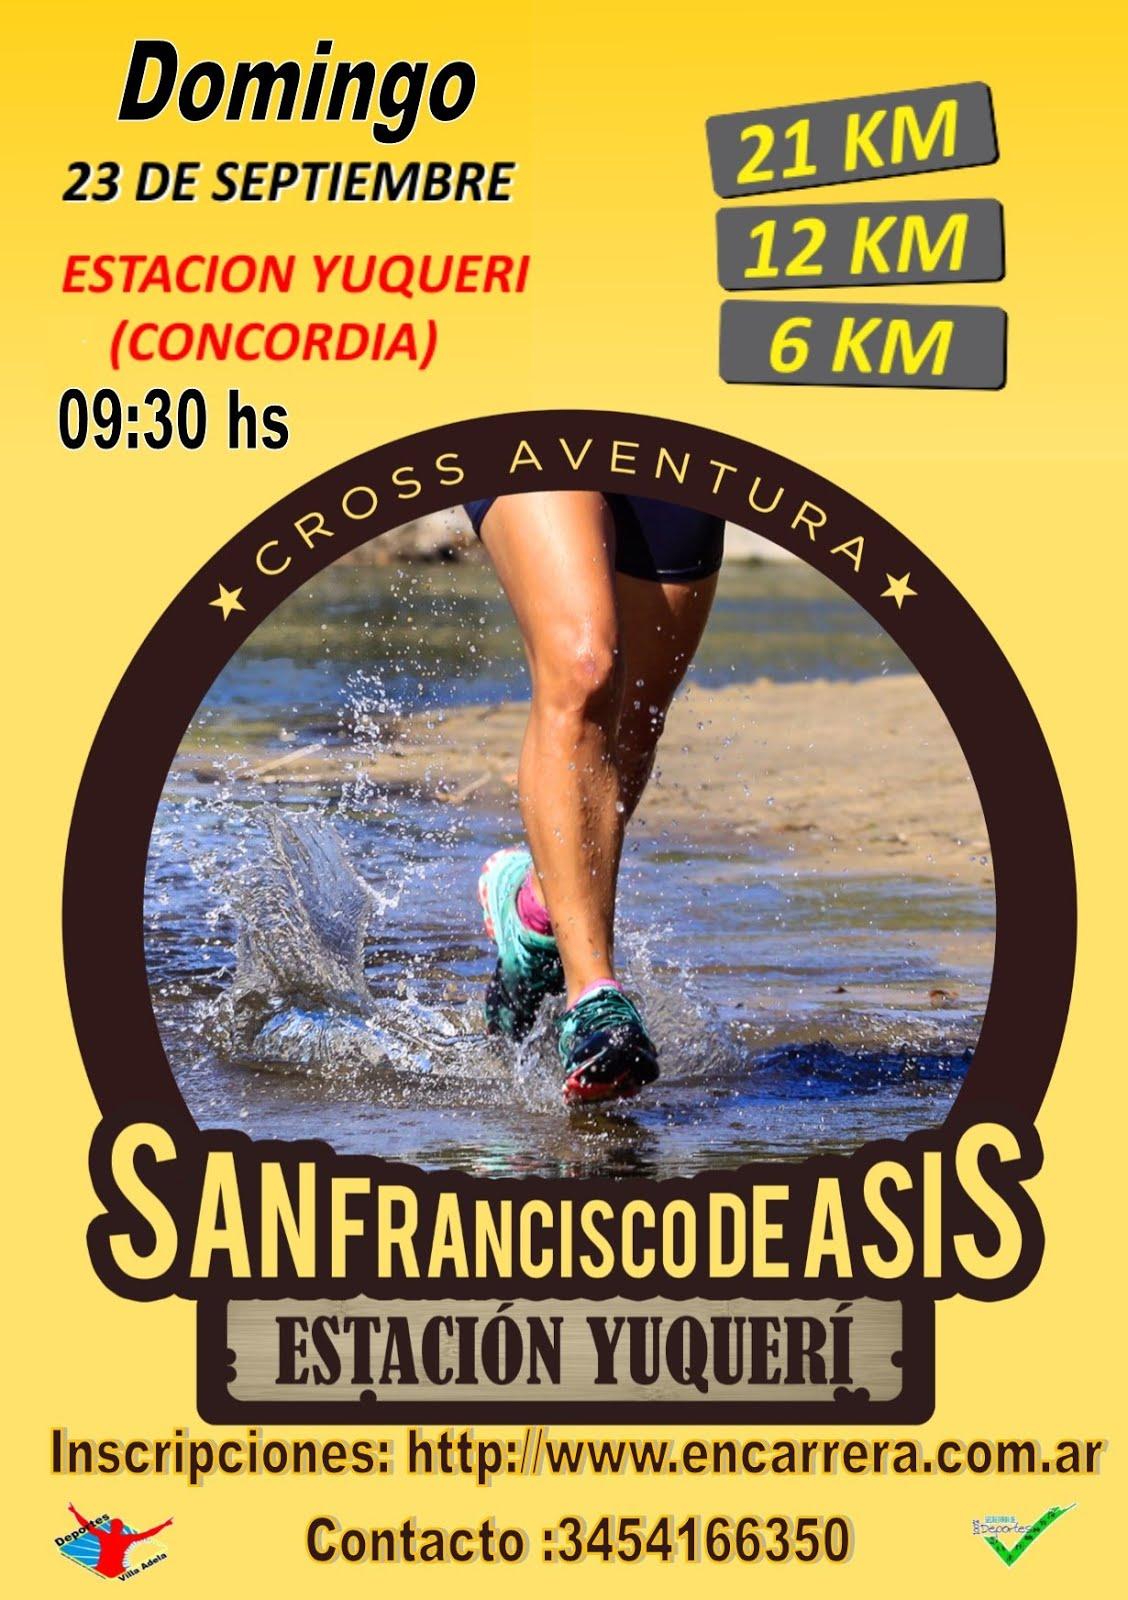 Cross Aventura San Francisco de Asis (Est.Yuqueri)